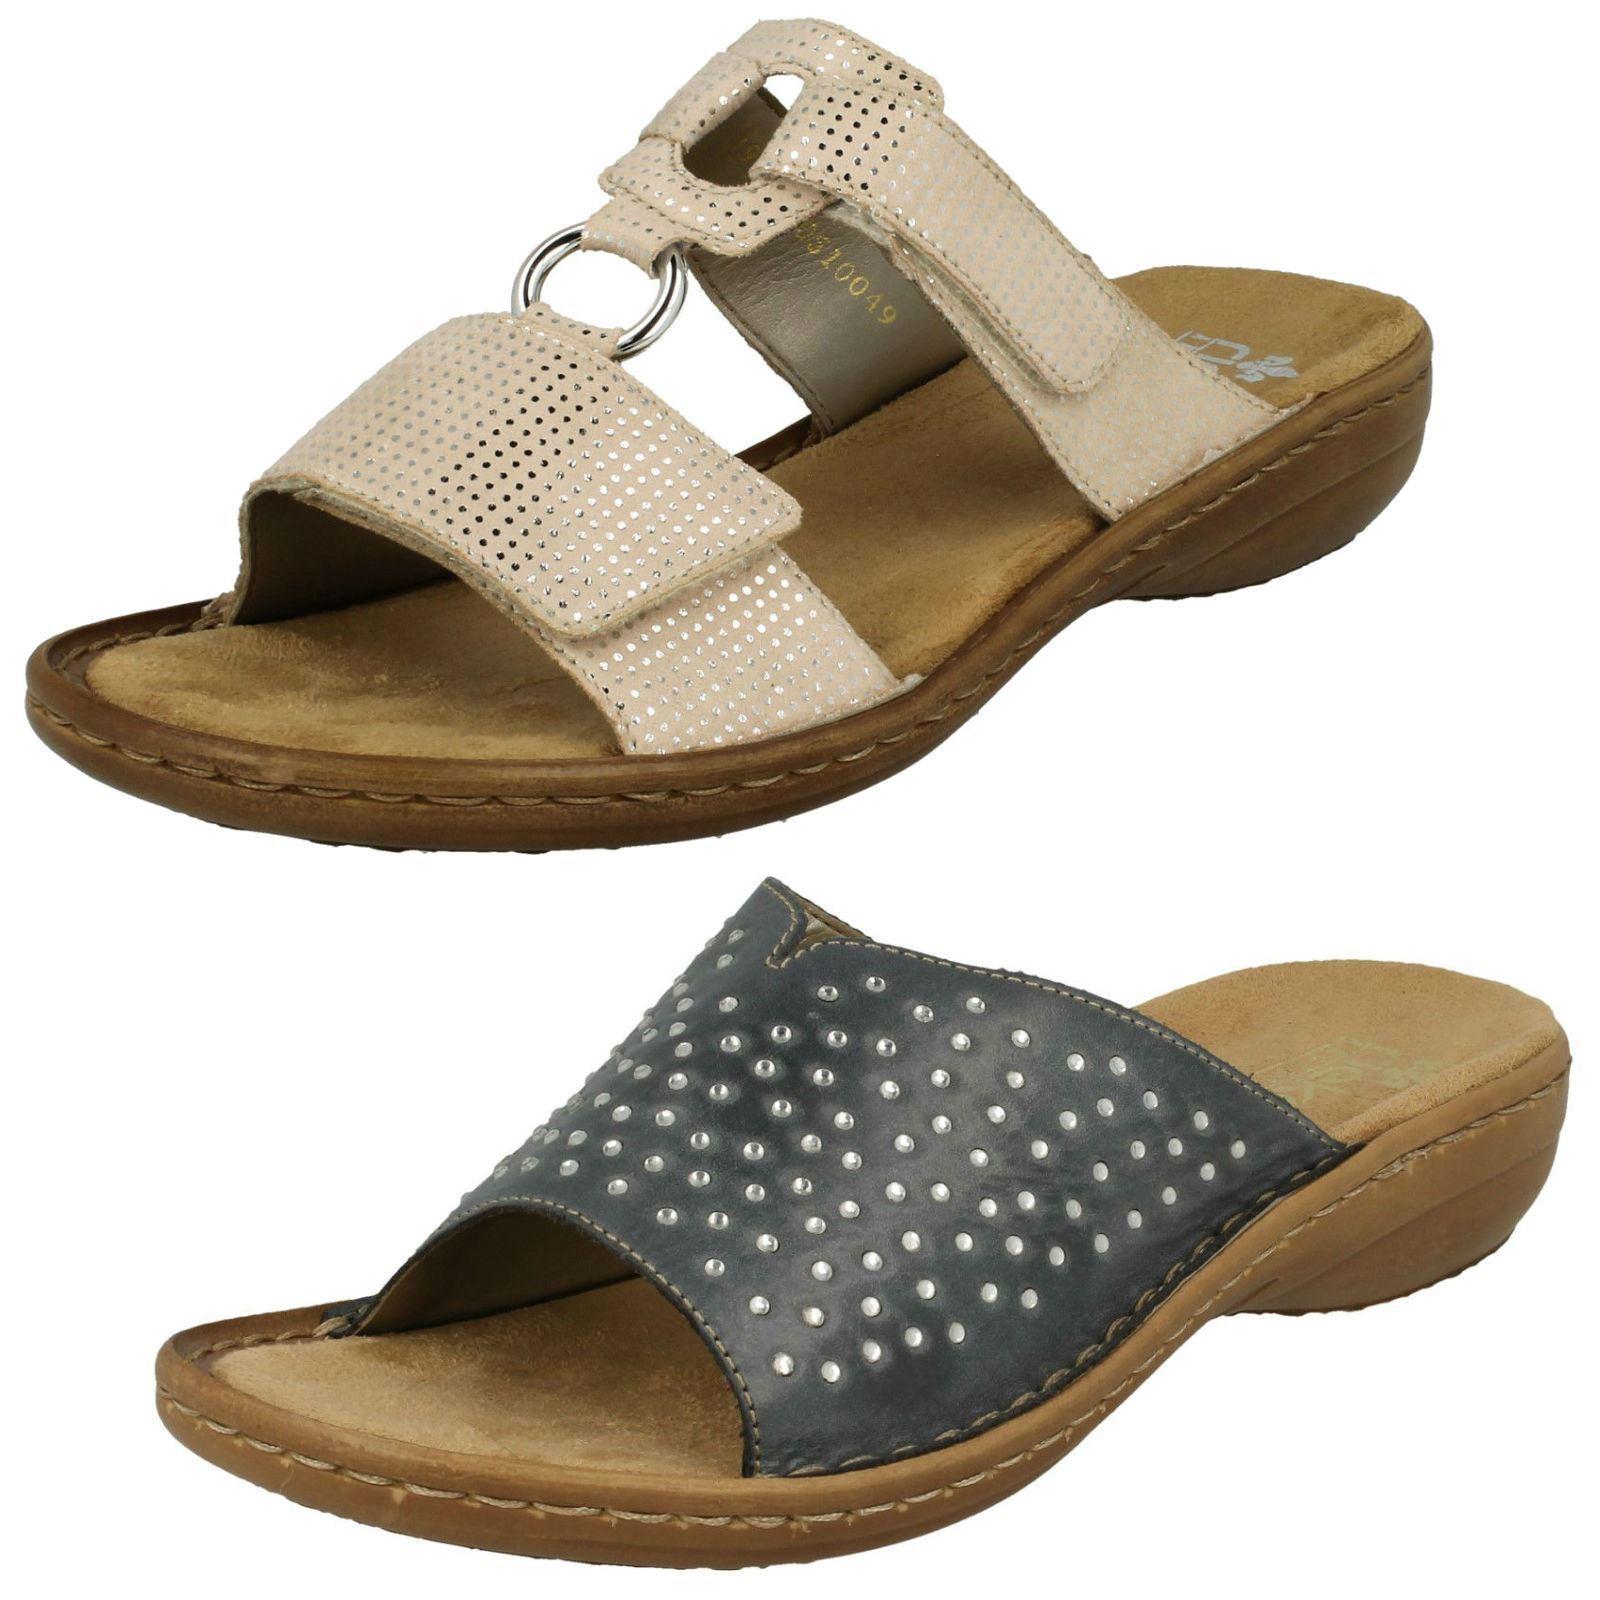 Damen Rieker 608p9 Freizeit Pantoffeln Sandalen Slipper  | Flagship-Store